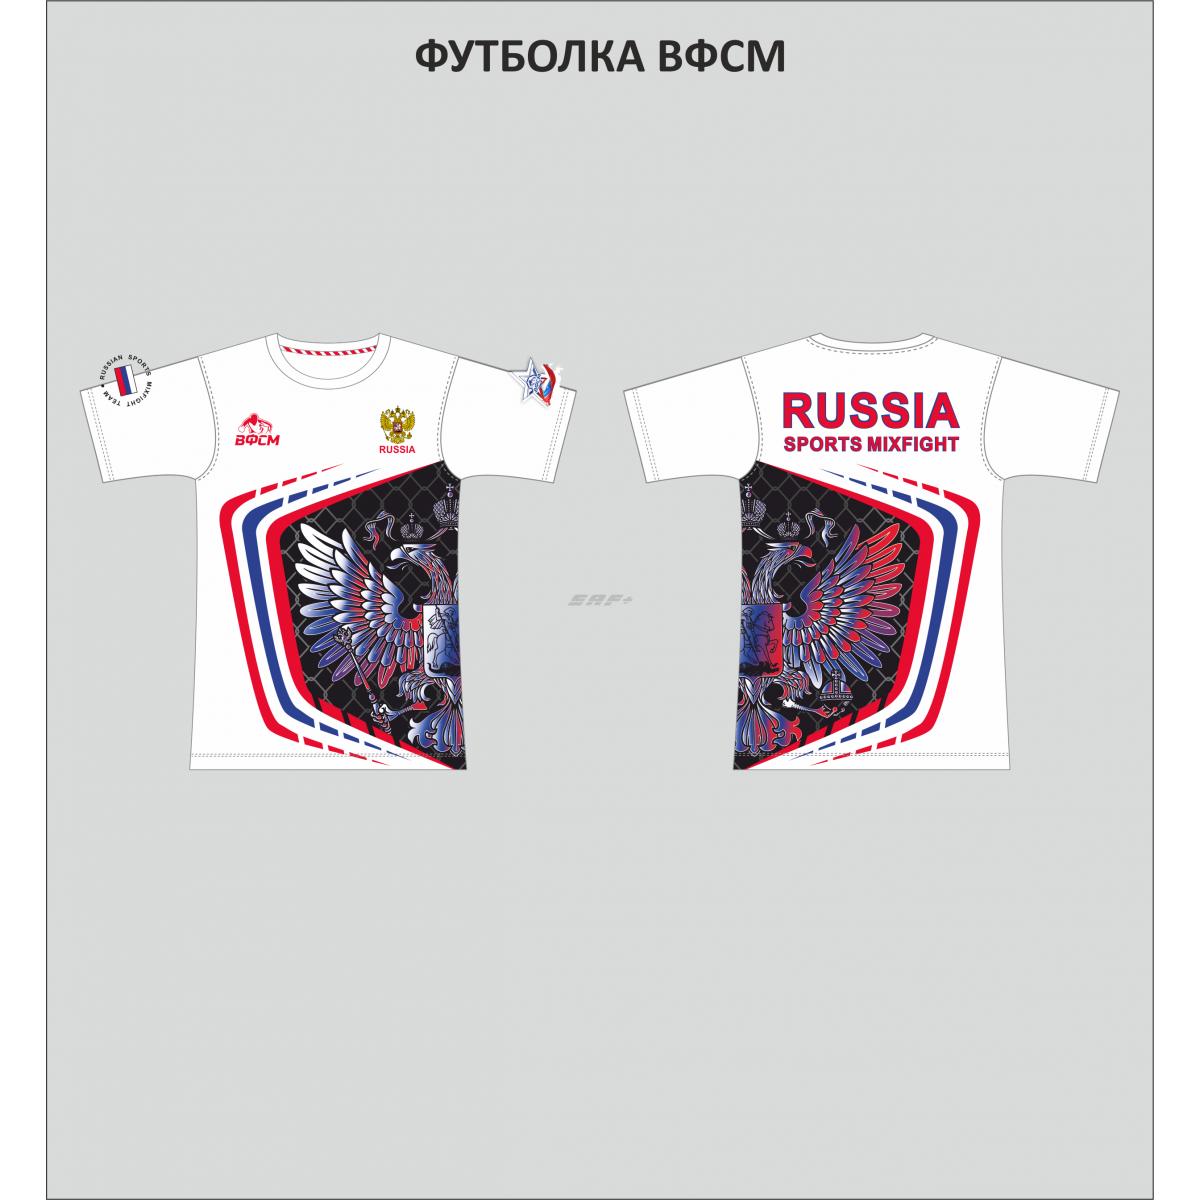 Футболка  ВФСМ